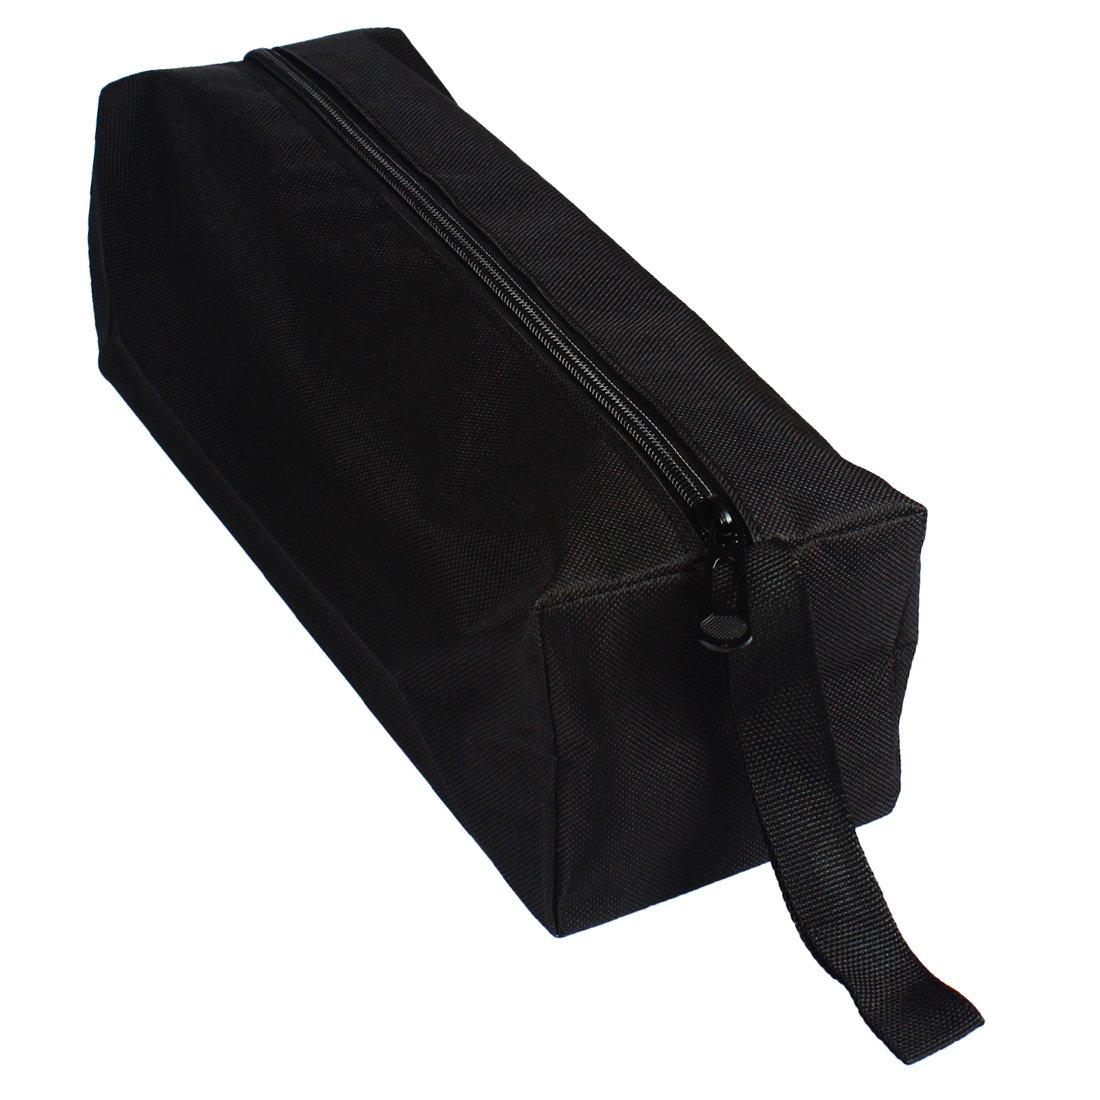 Rojo Andux Zone Bolsa con cremallera para herramientas utilidad de almacenamiento Bolsa de tela Oxford WJSNB-01